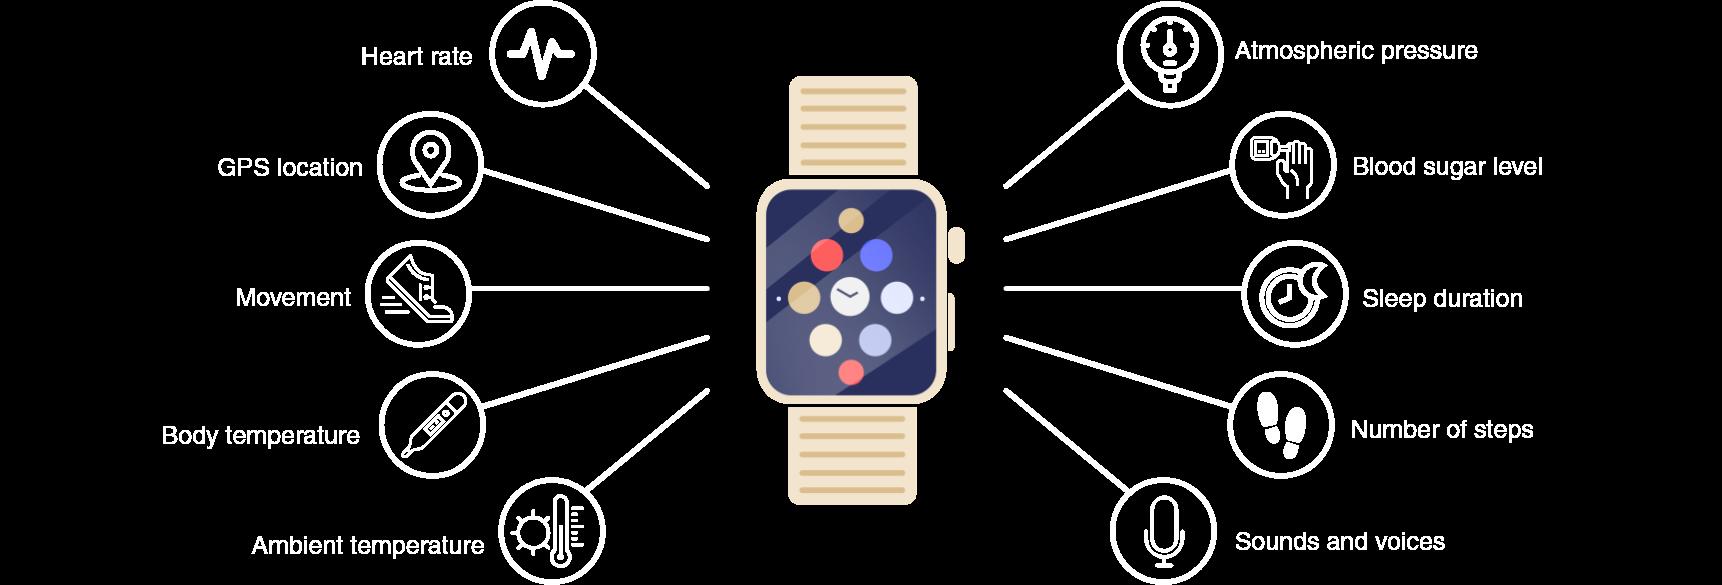 montreconnecte_en